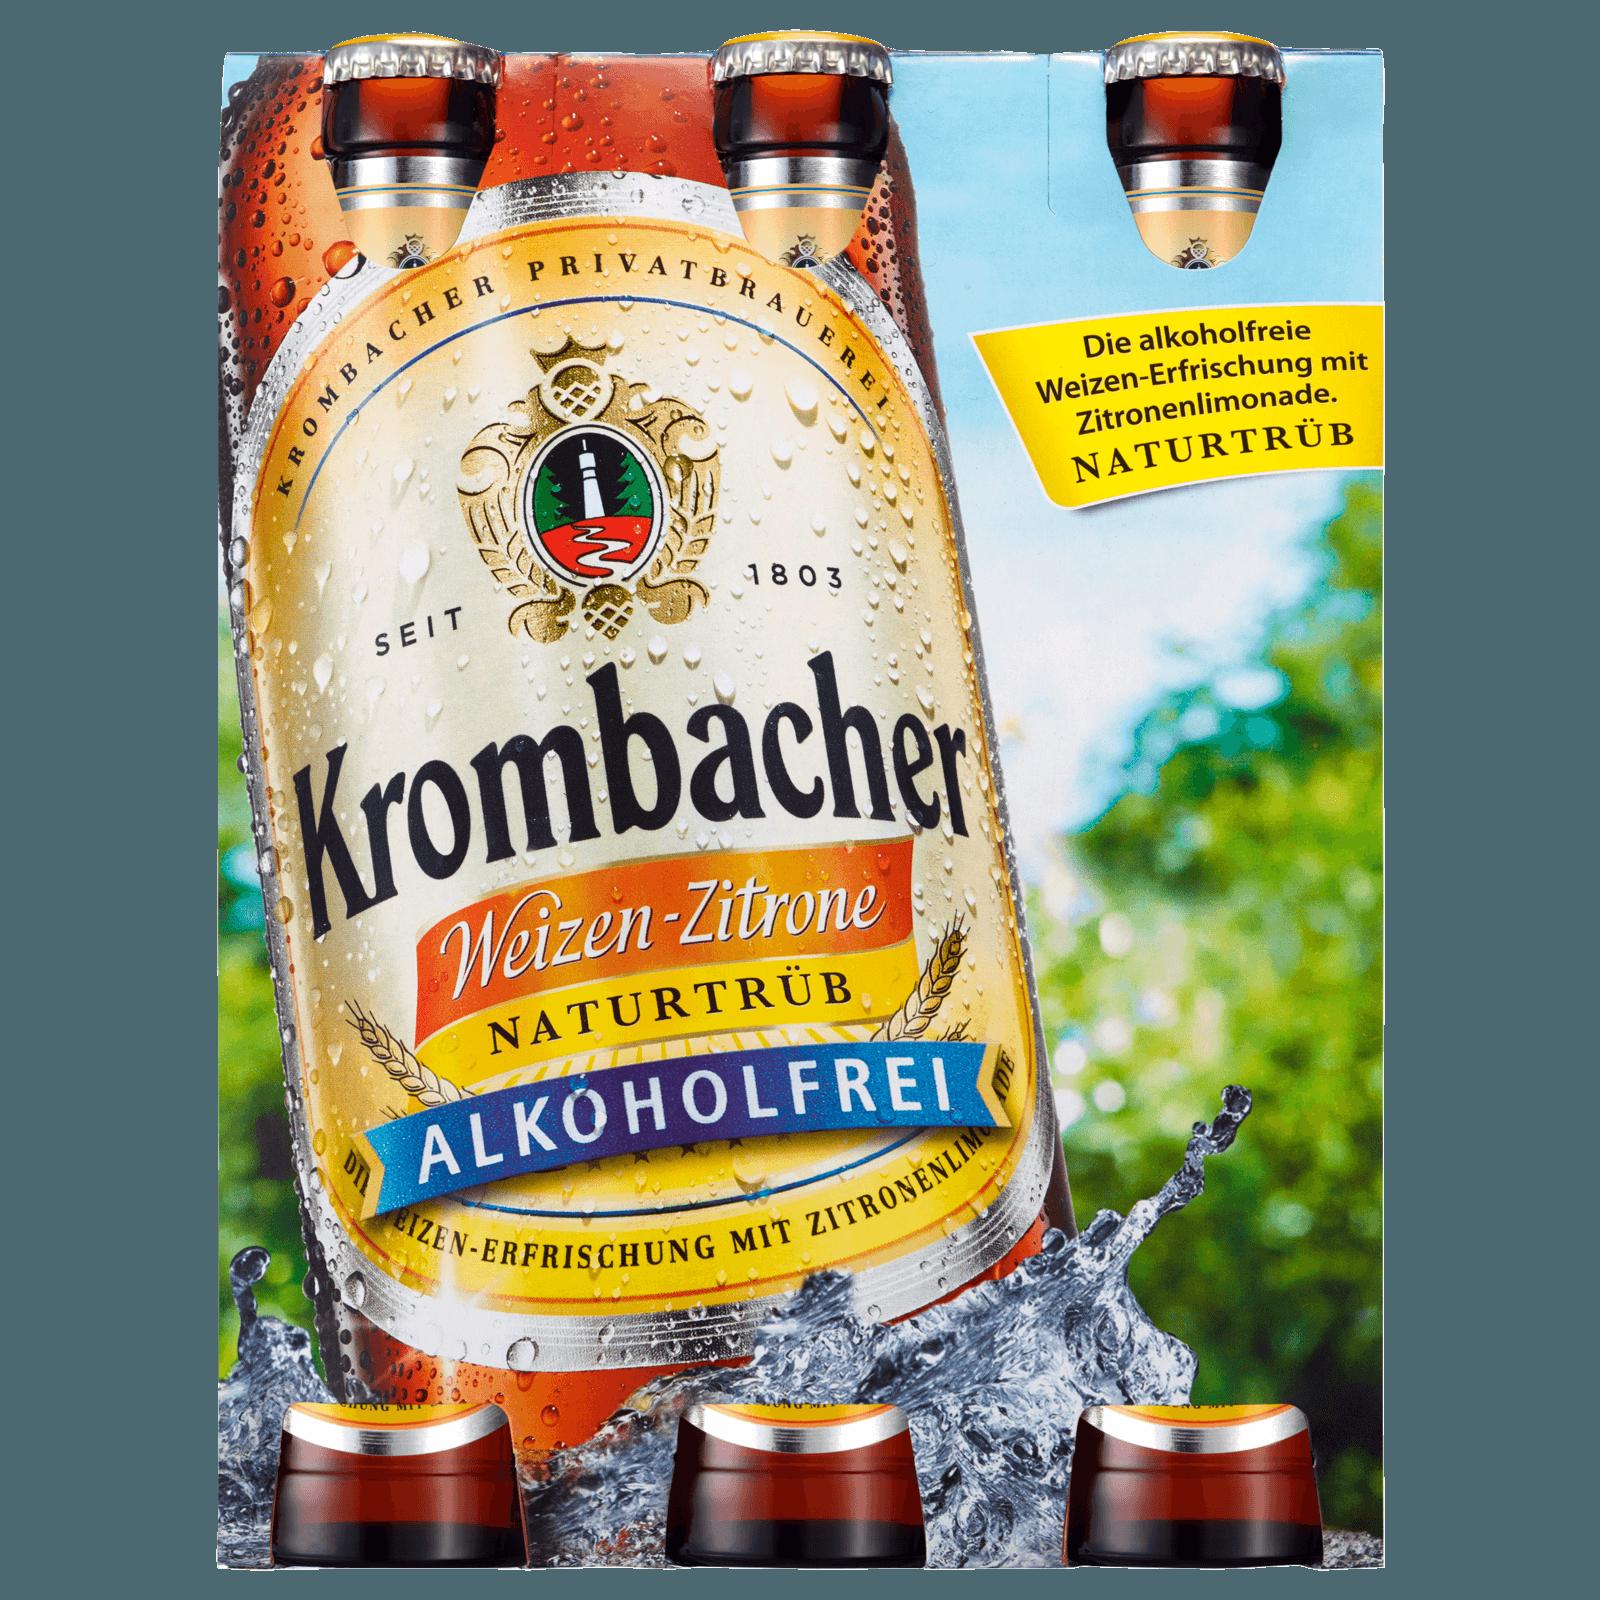 Krombacher Weizen Zitrone 6x0,33l bei REWE online bestellen!